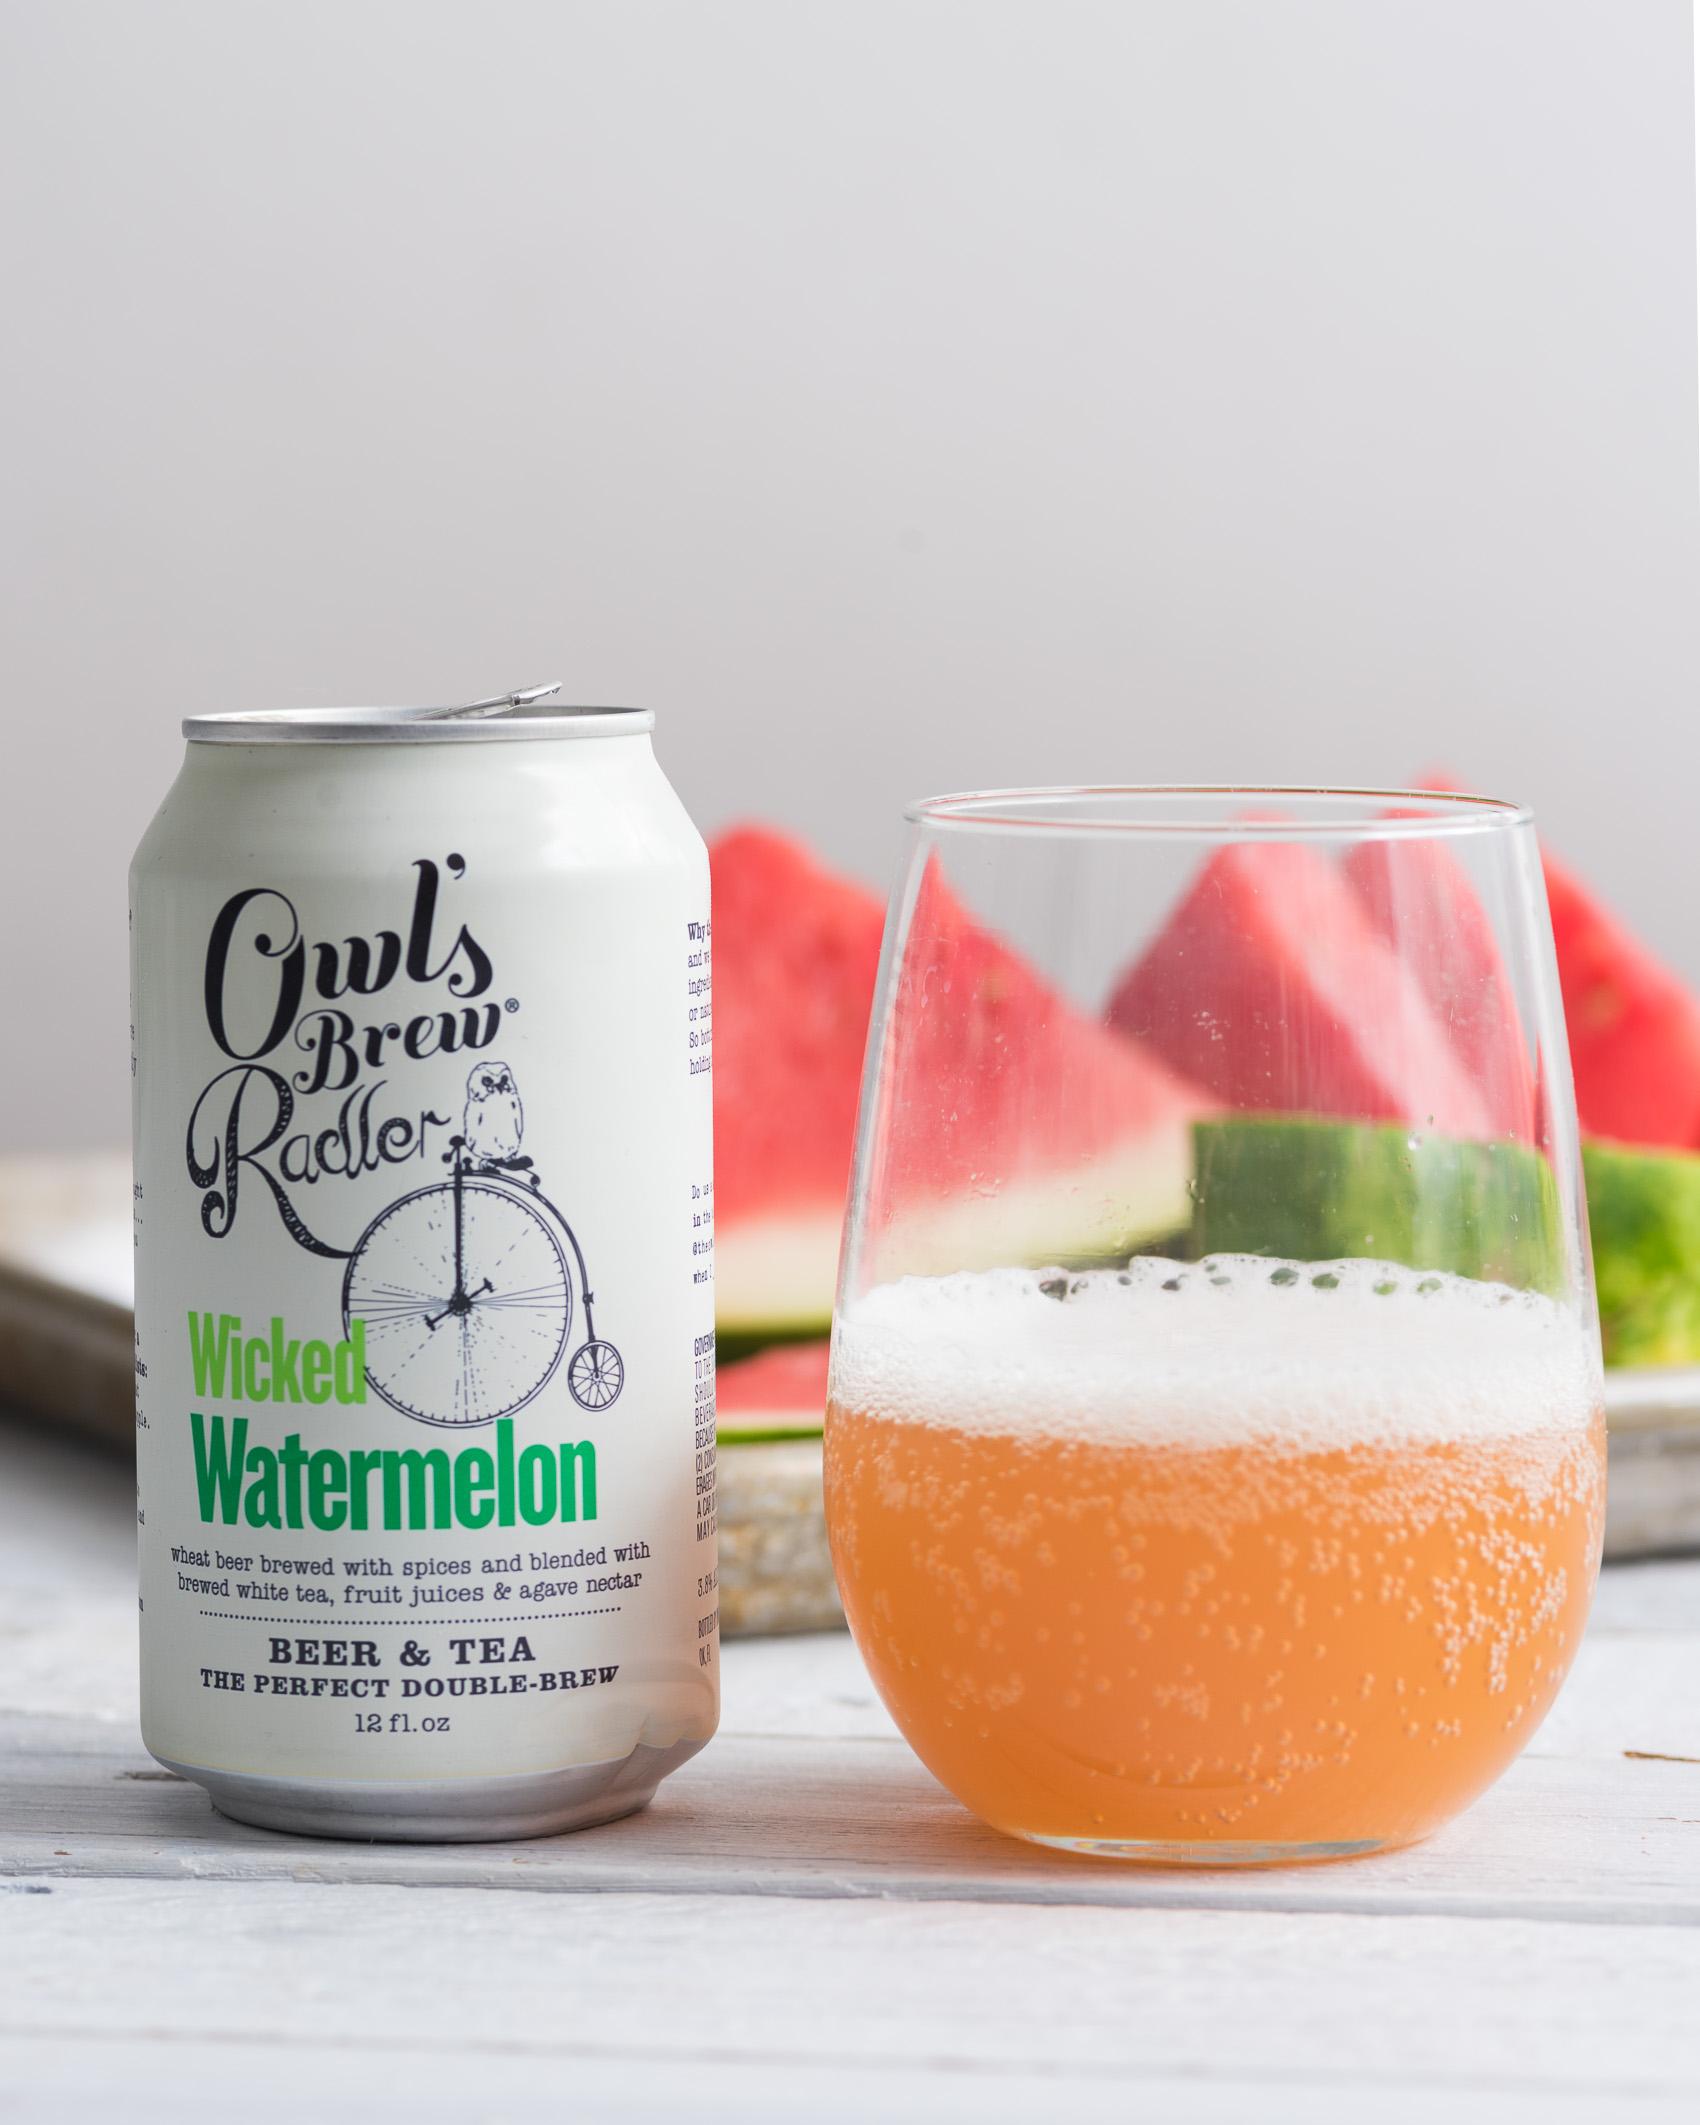 Owl's Brew Wicked Watermelon